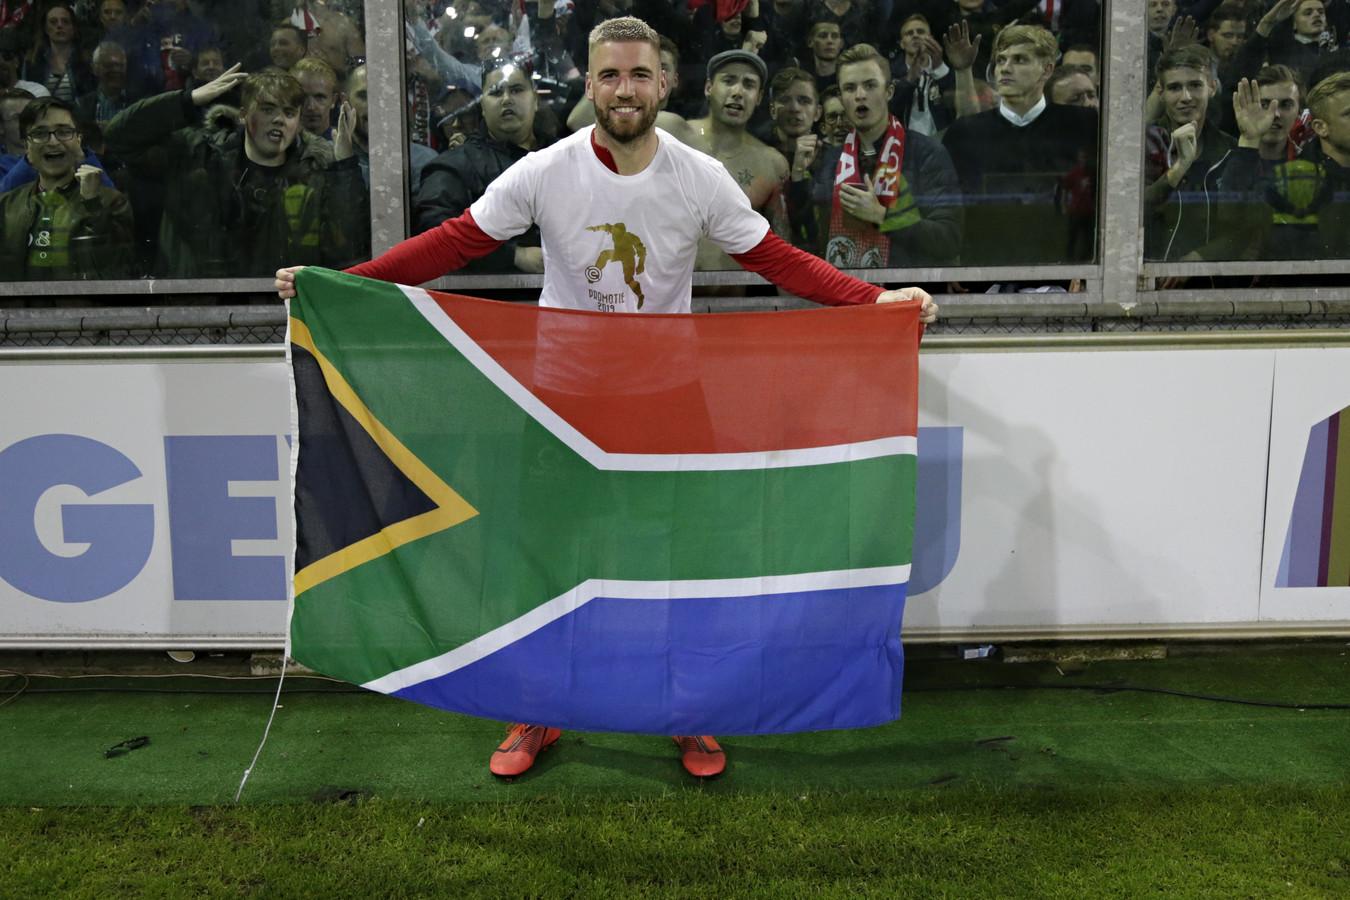 Lars Veldwijk met de vlag van Zuid-Afrika na de gewonnen play-off bij De Graafschap.